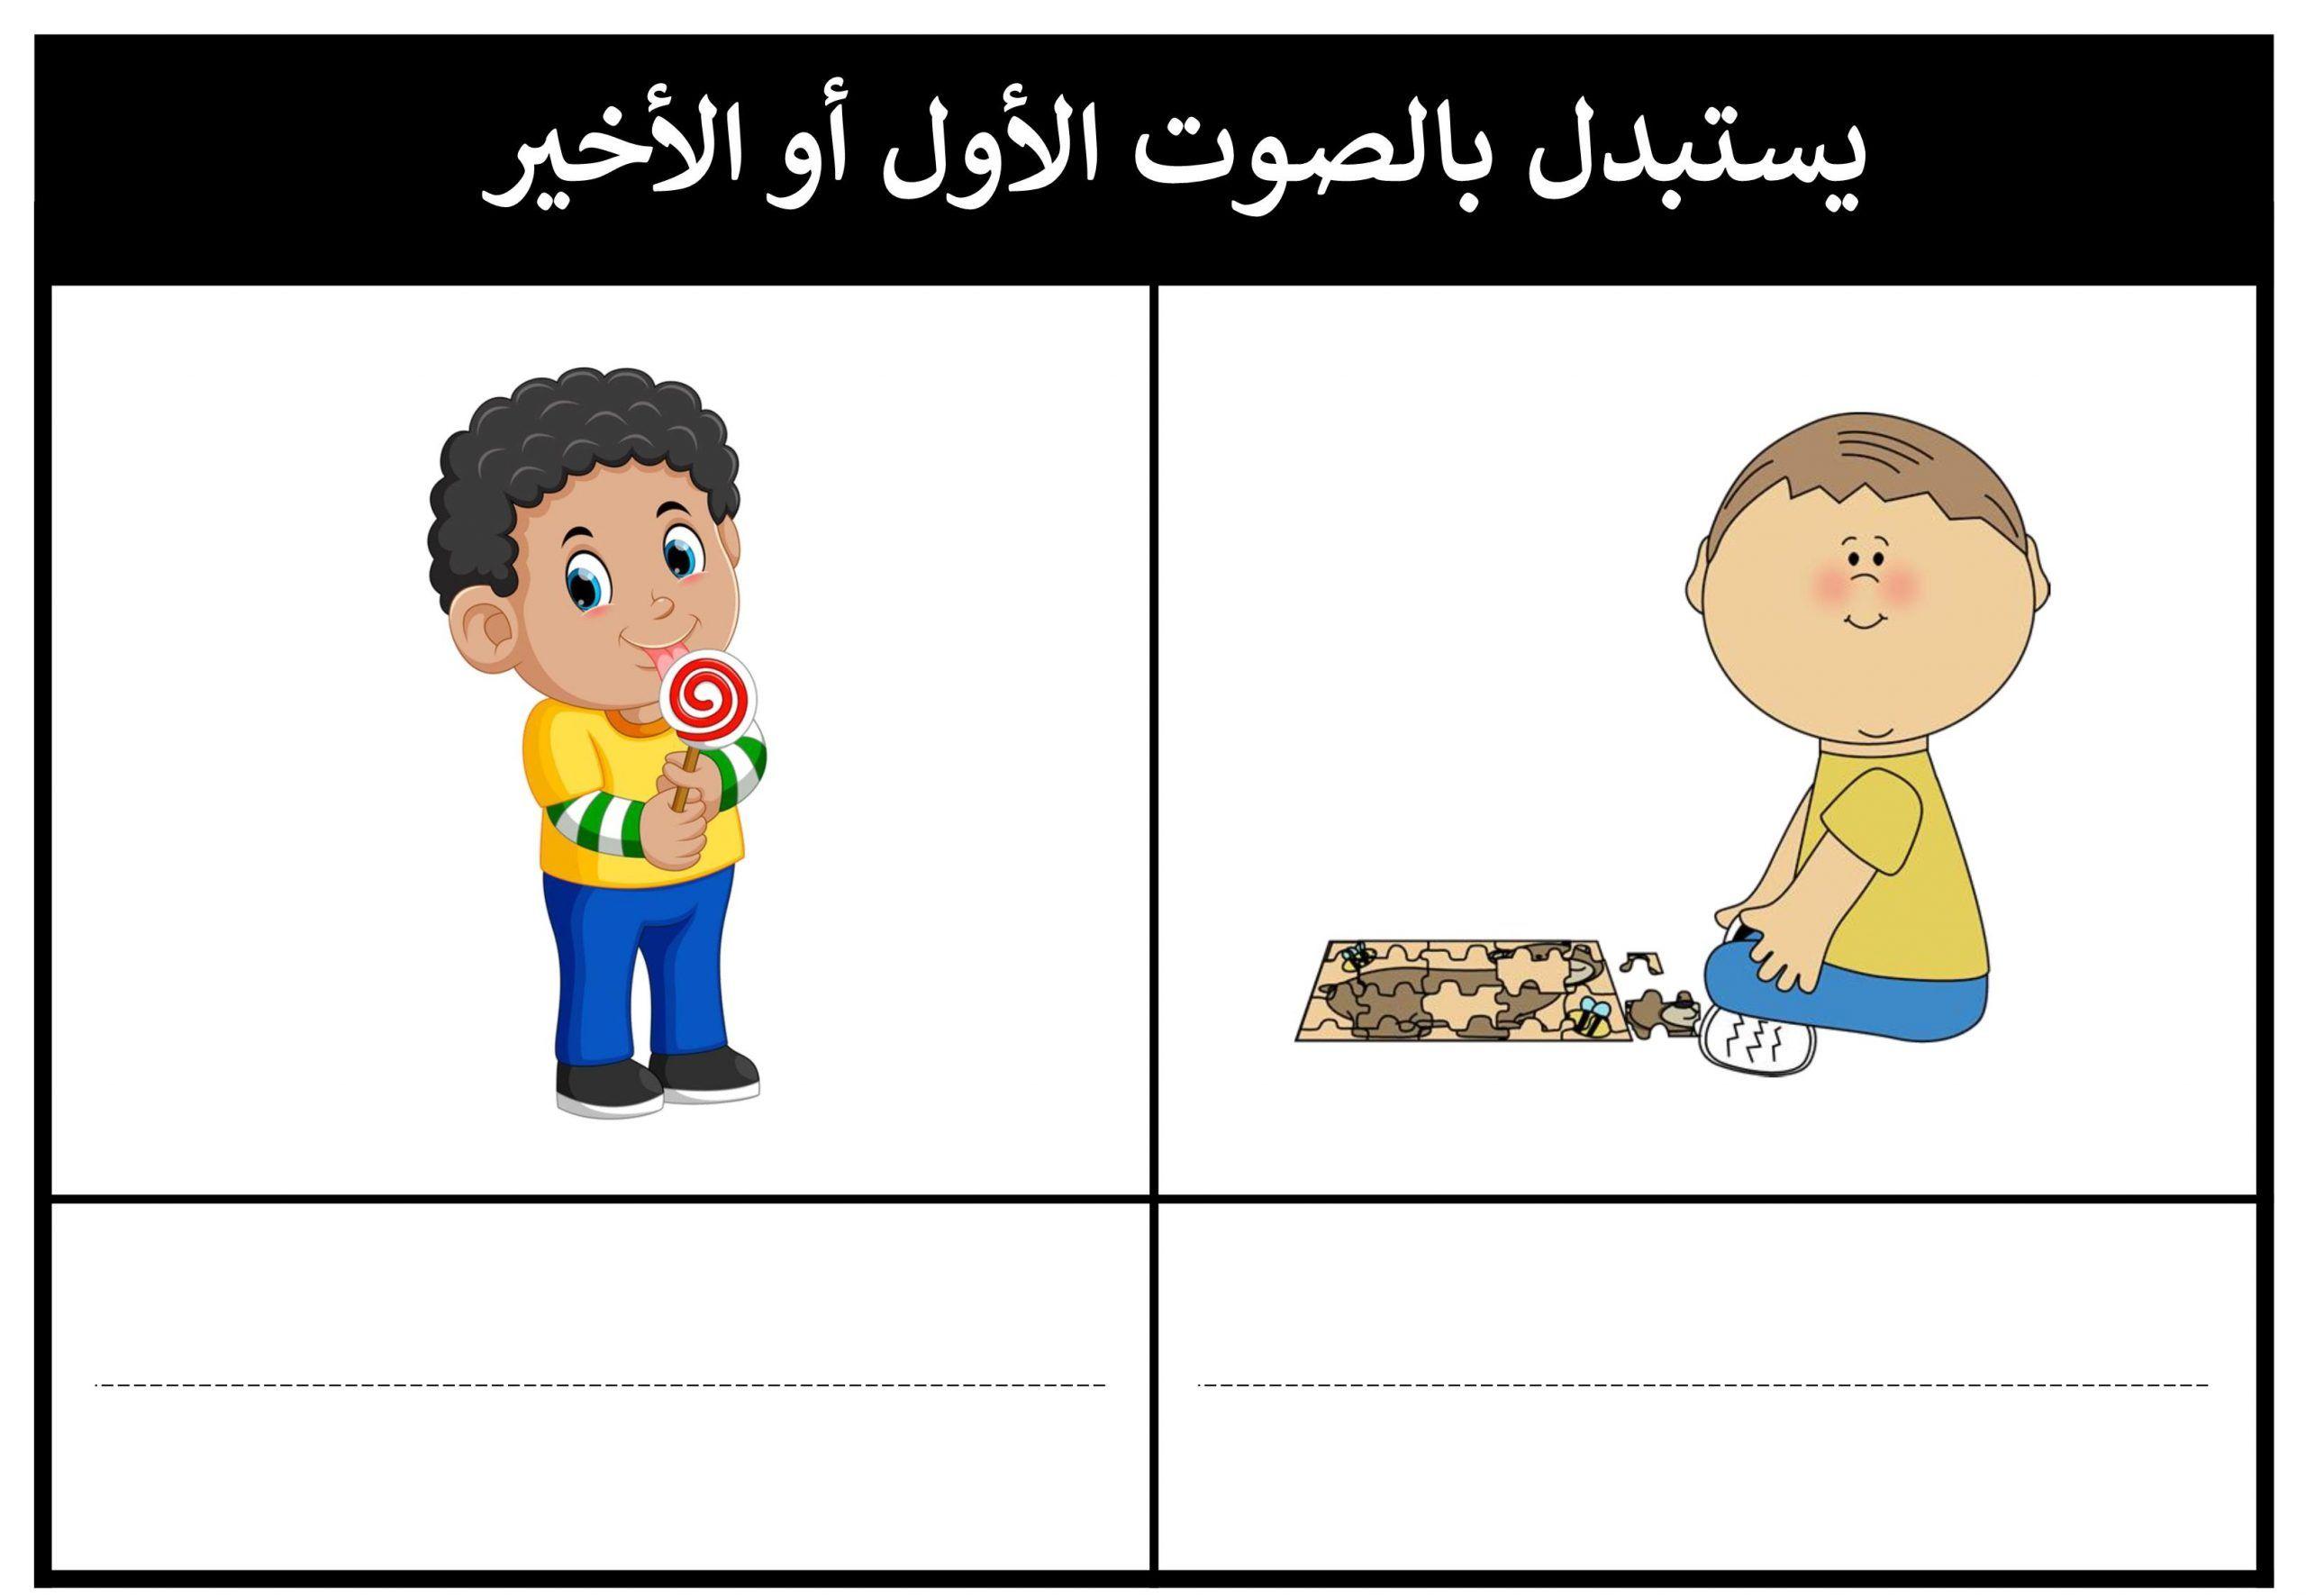 تدريب تكوين الكلمات باستبدال الحرف الاول او الاخير Vault Boy Character Fictional Characters